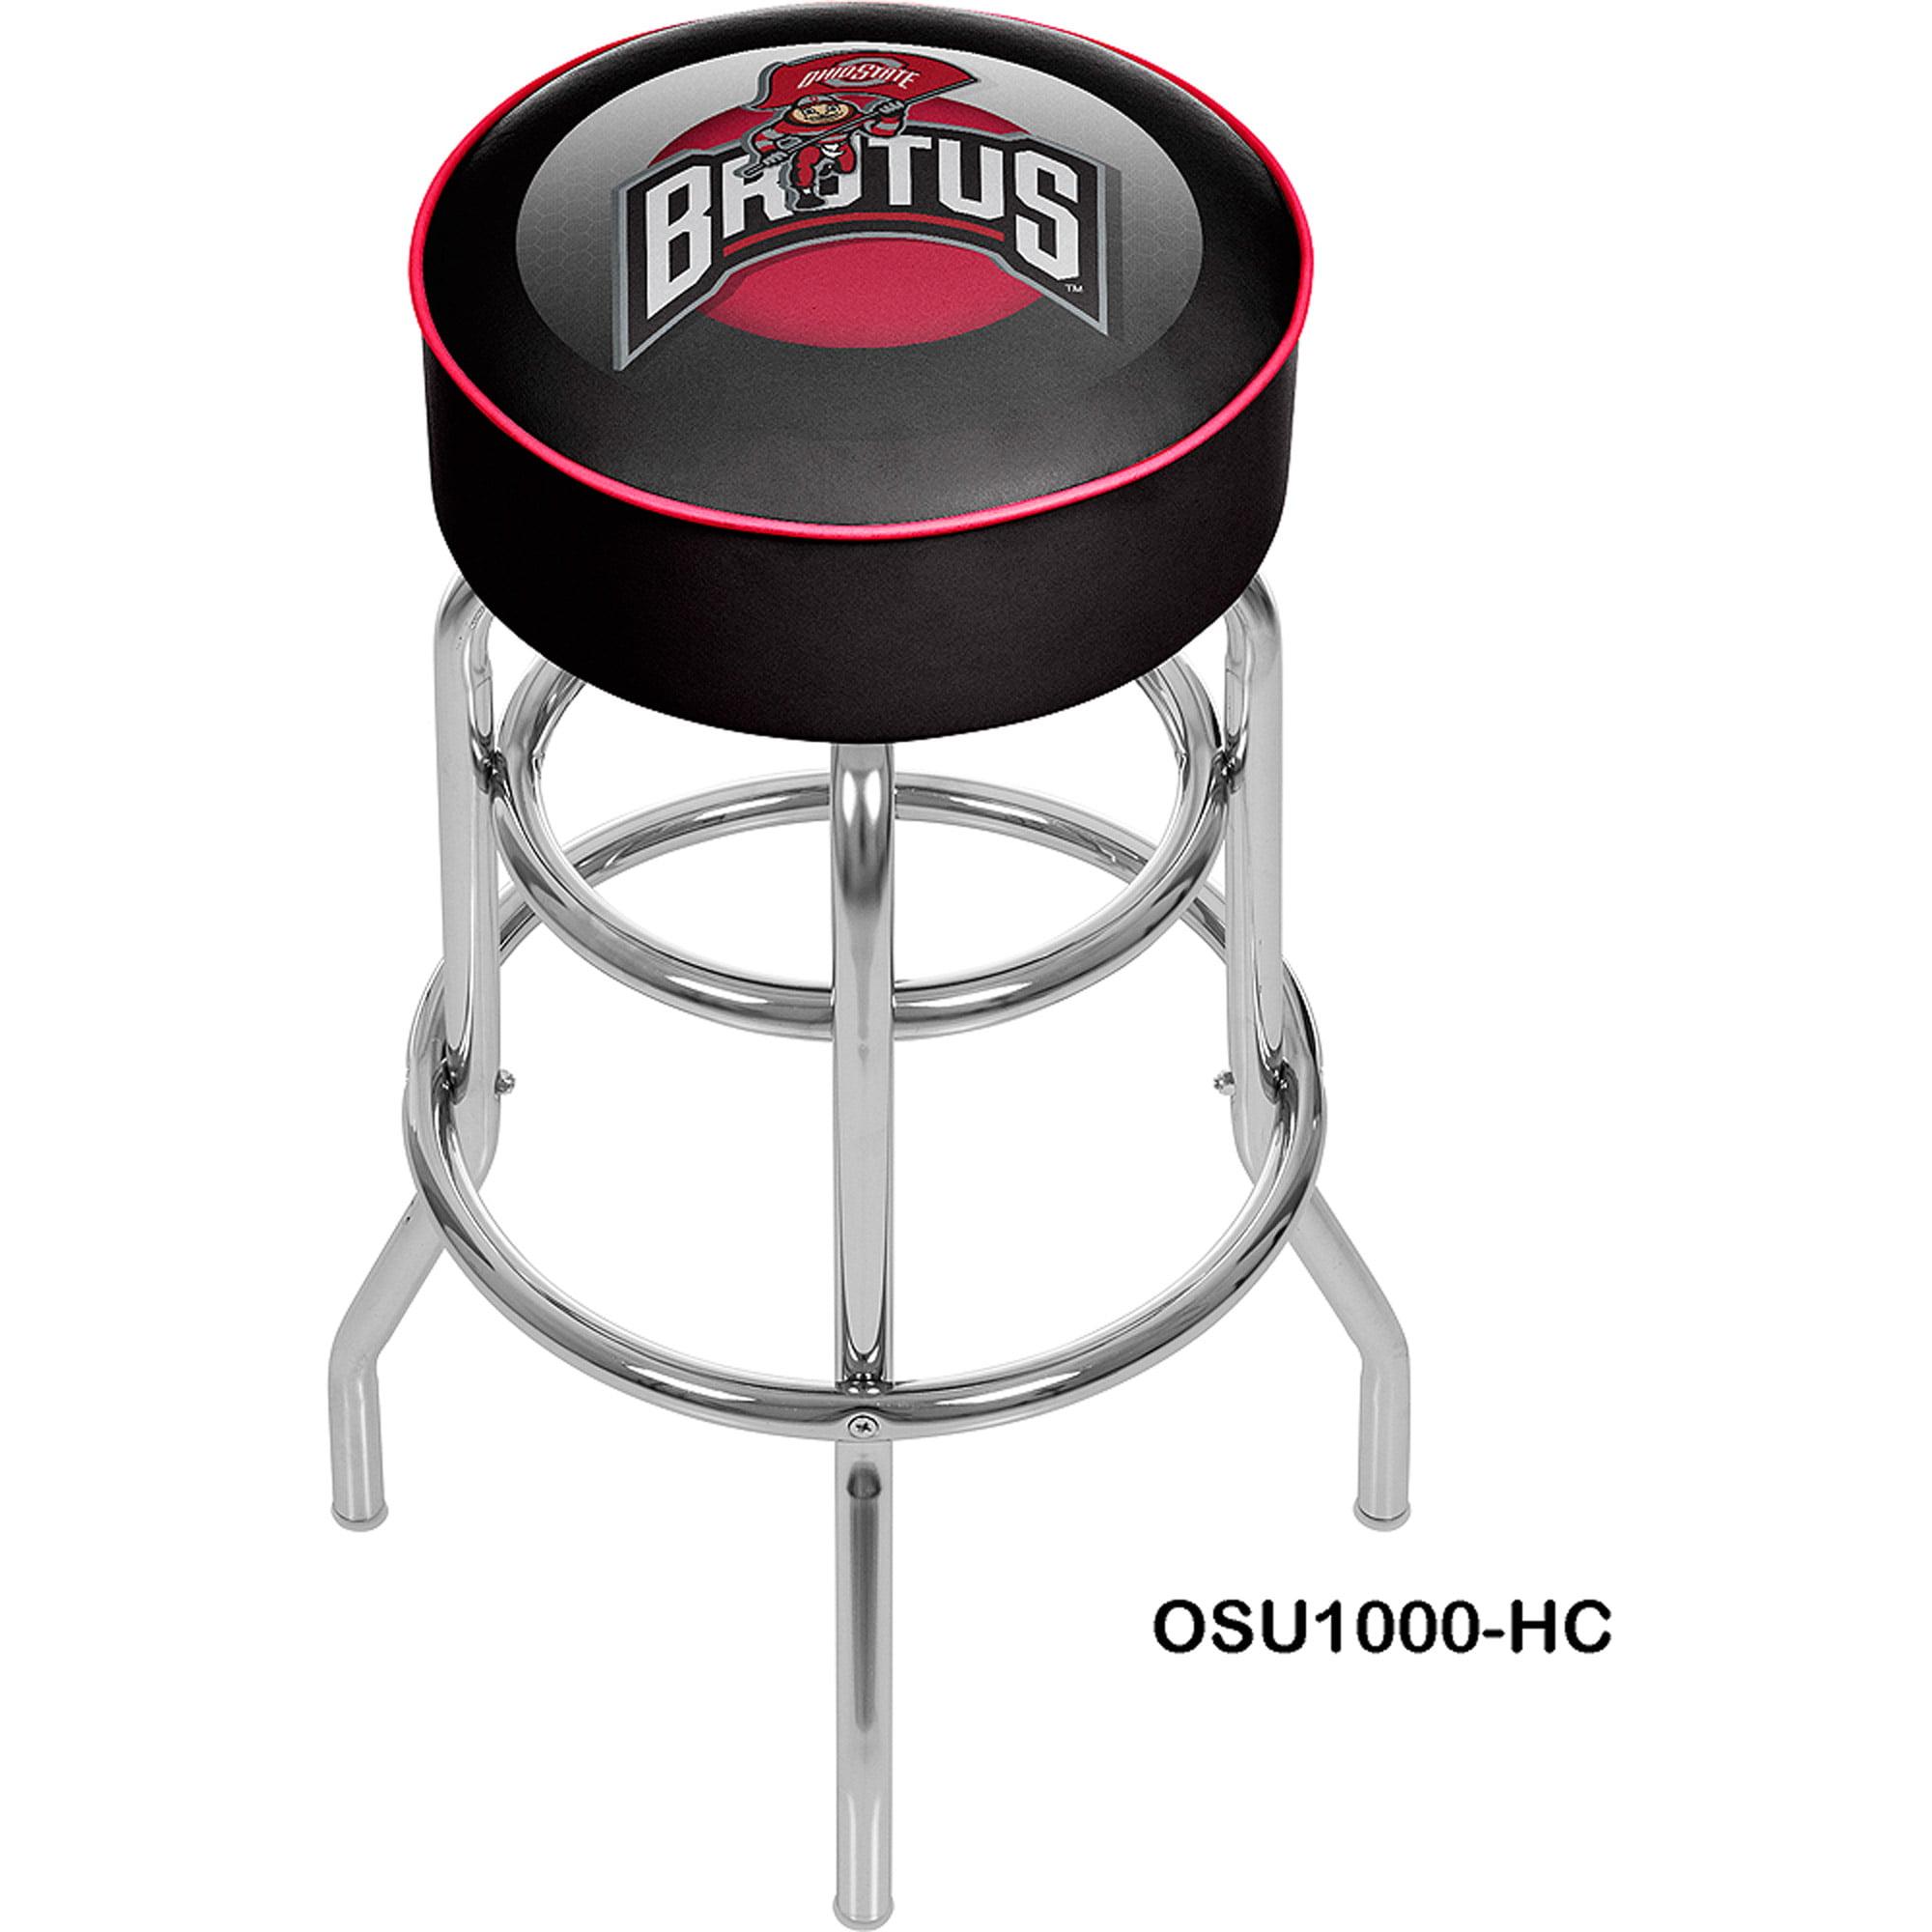 Ohio State Rushing Brutus Padded Barstool